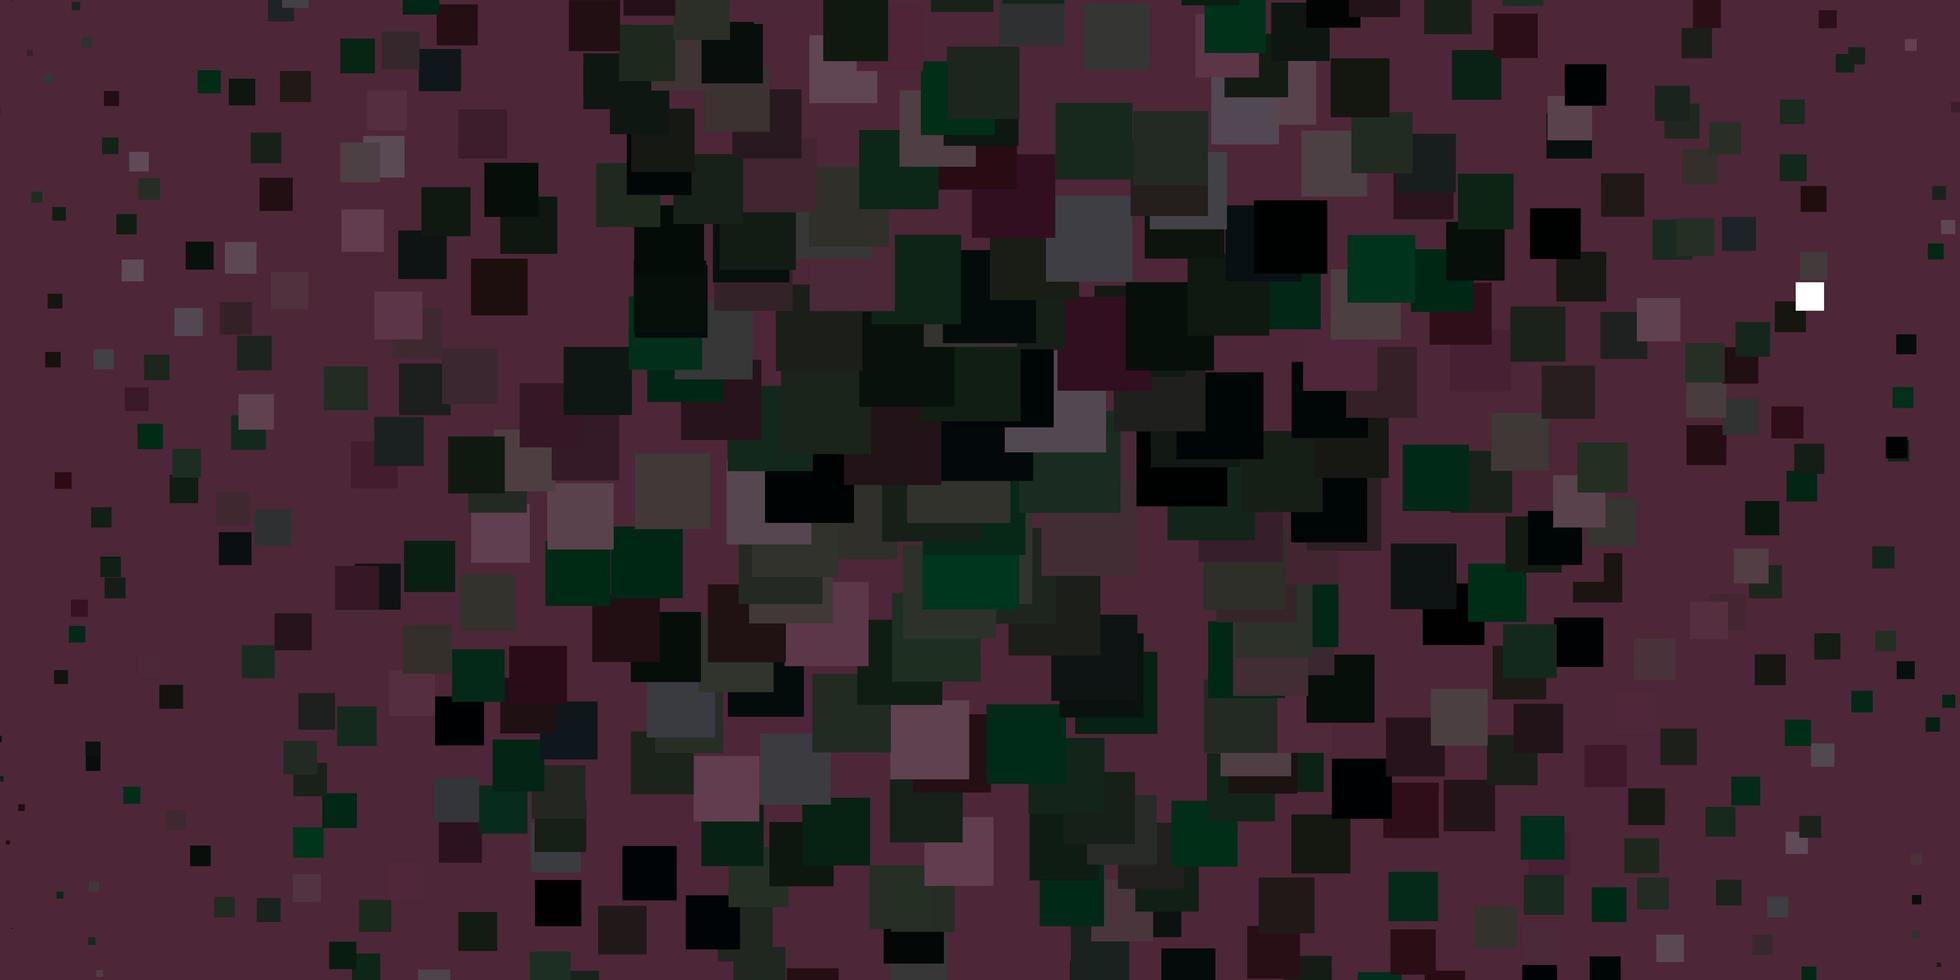 toile de fond de vecteur rose clair, vert avec des rectangles.